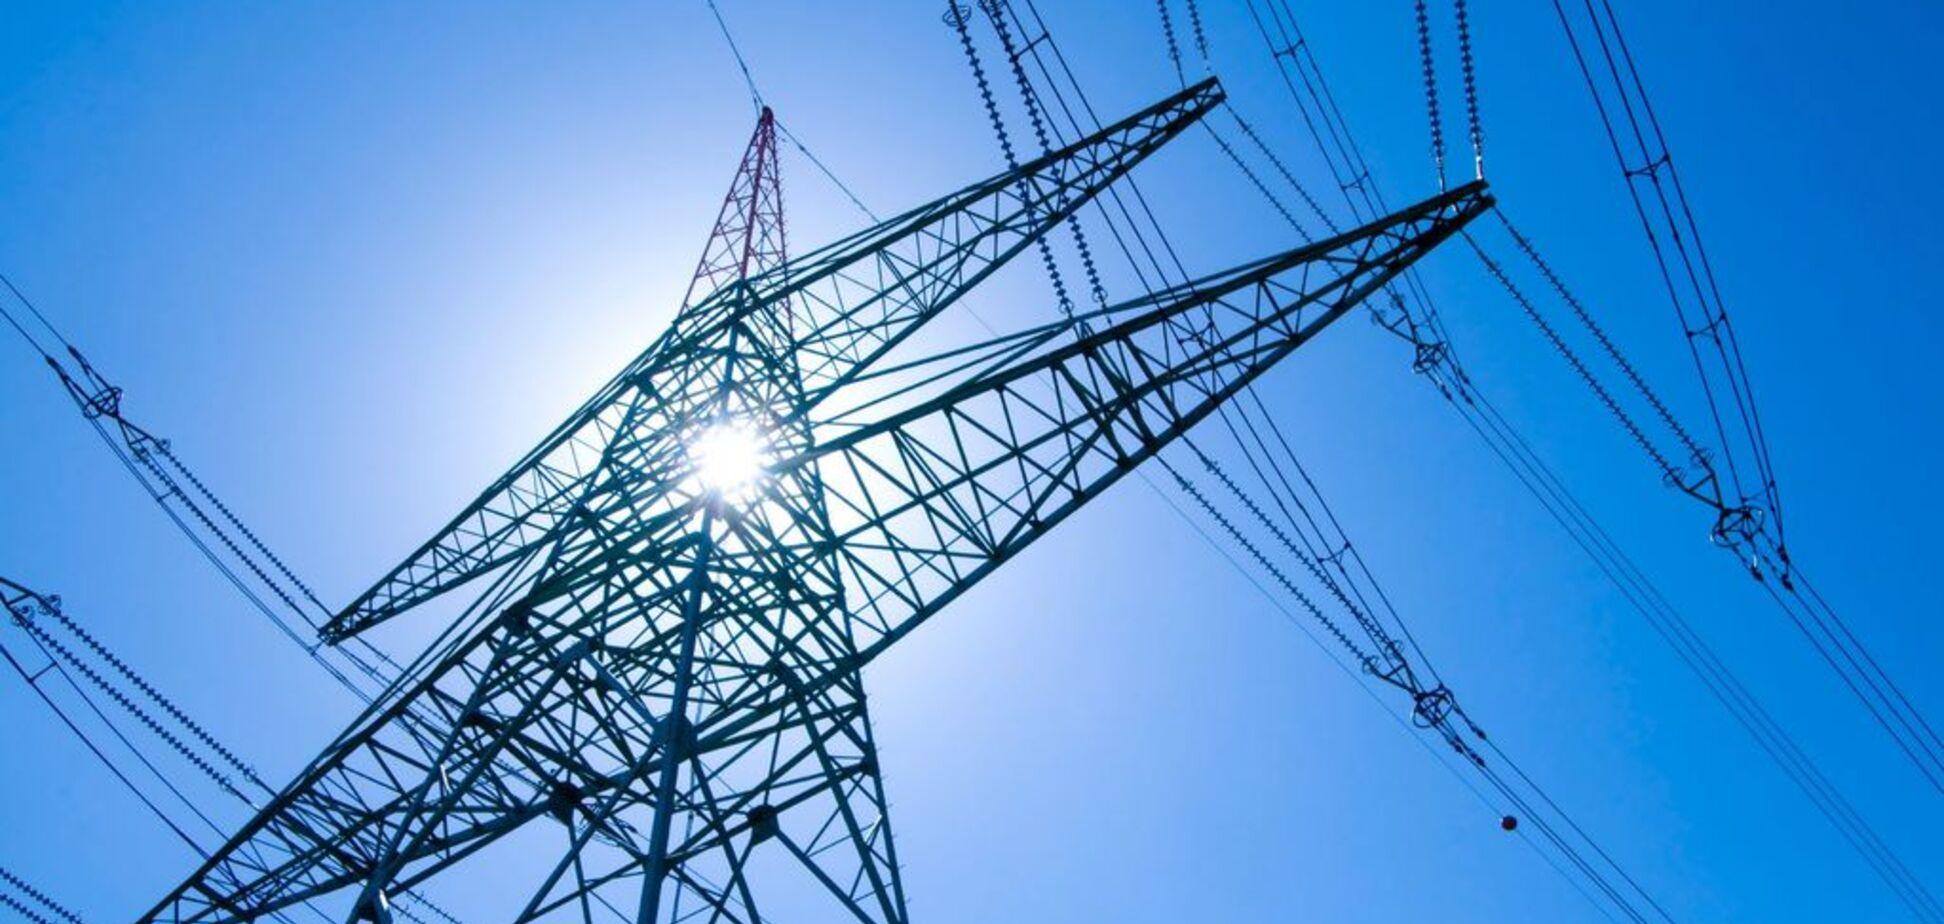 Энергетика. Источник: Old.voladm.gov.ua